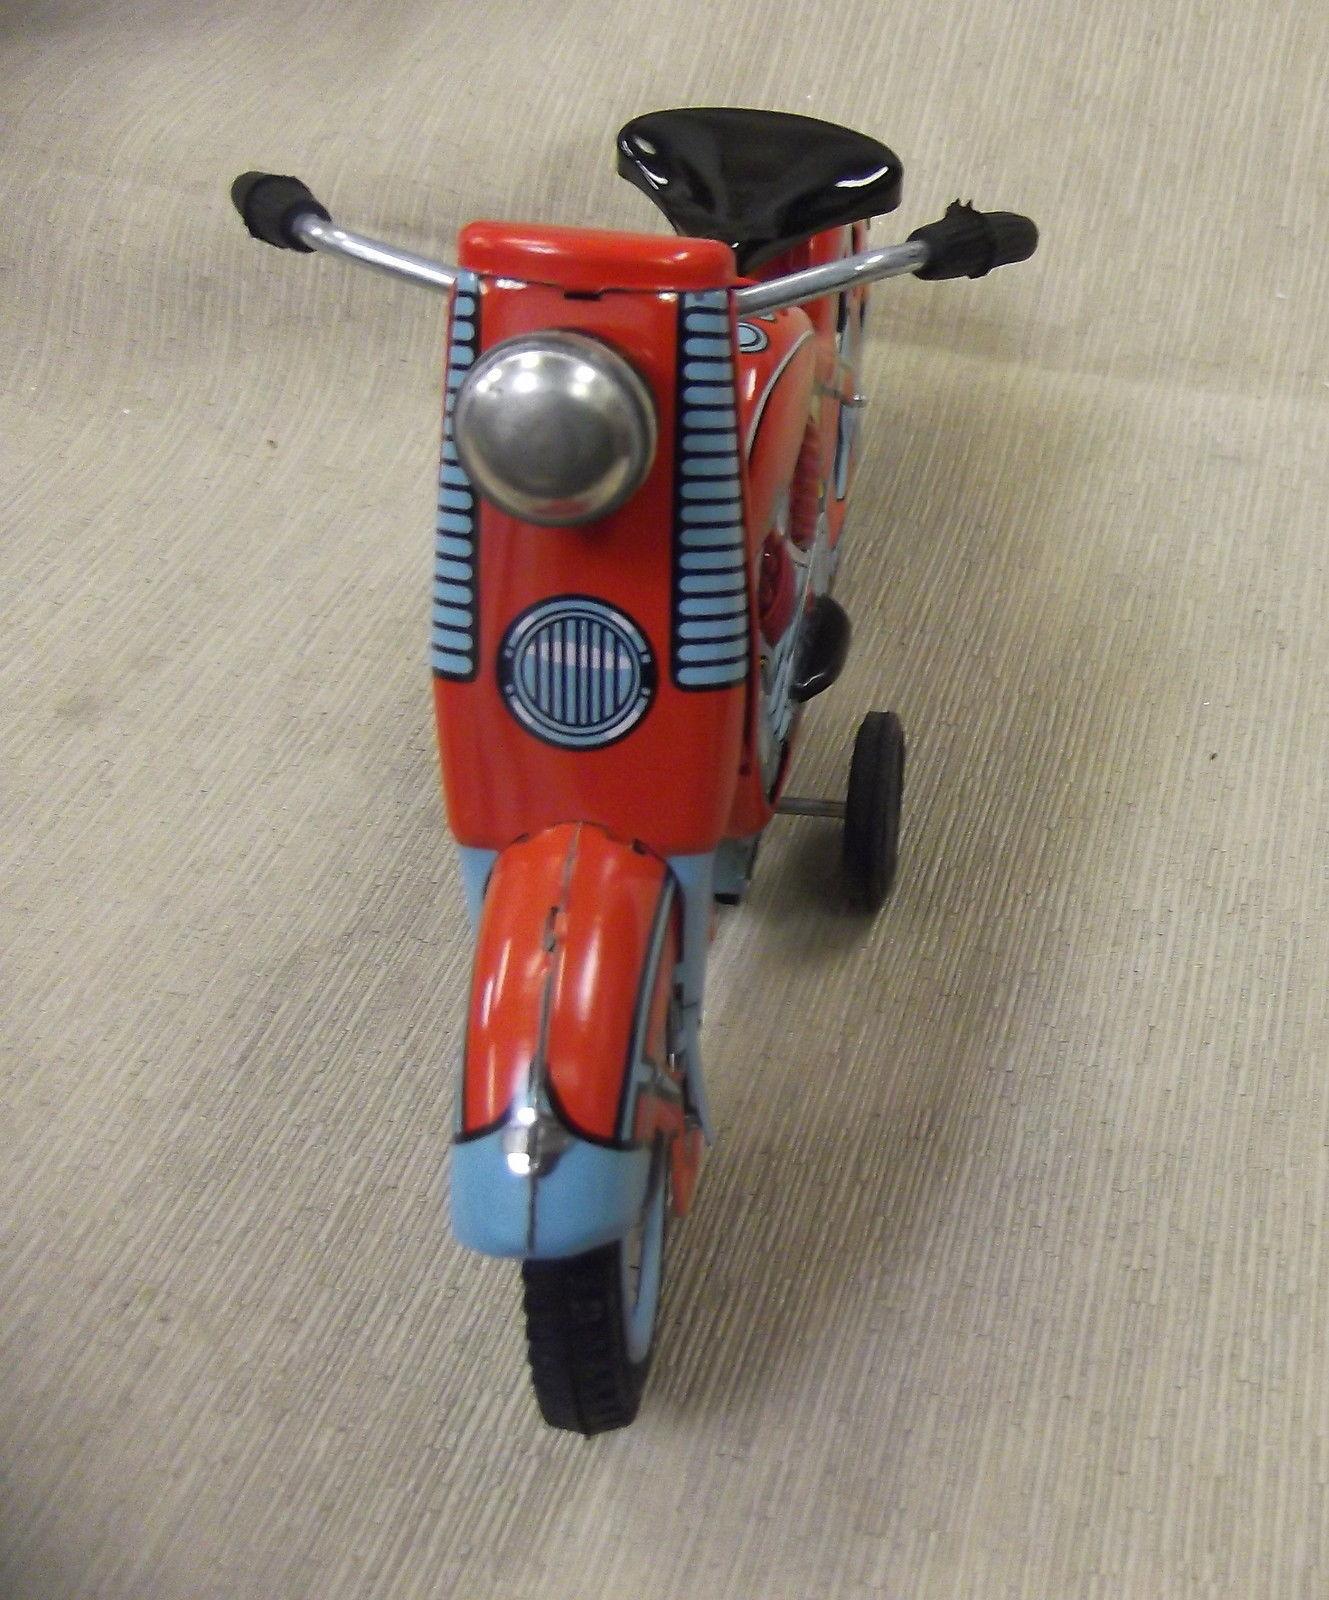 Harley Davidson Toys : Xonex s harley davidson red motorcycle tin toy